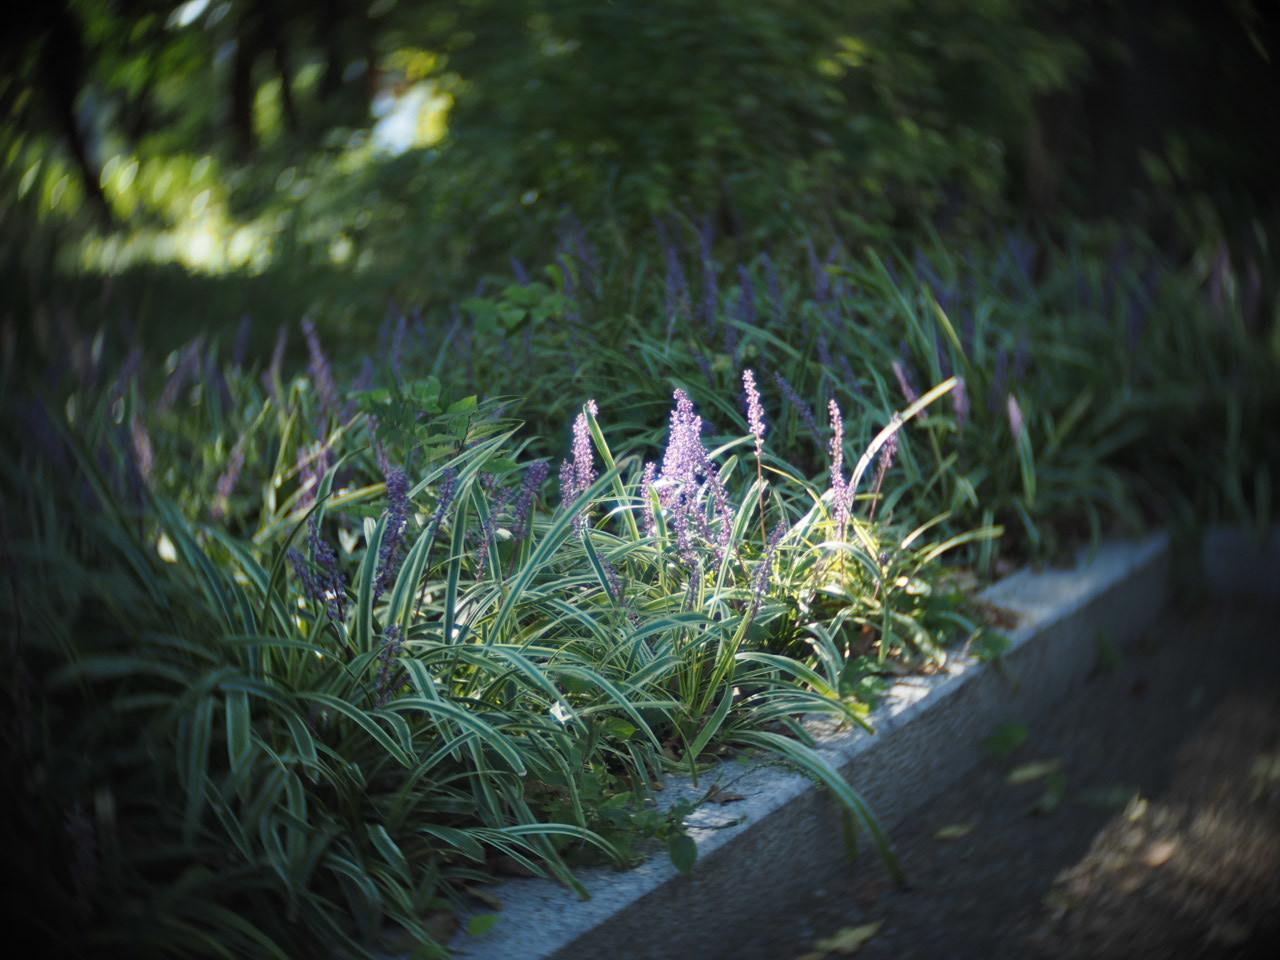 靱公園をグルグルレンズでさんぽ_f0135940_16504728.jpg